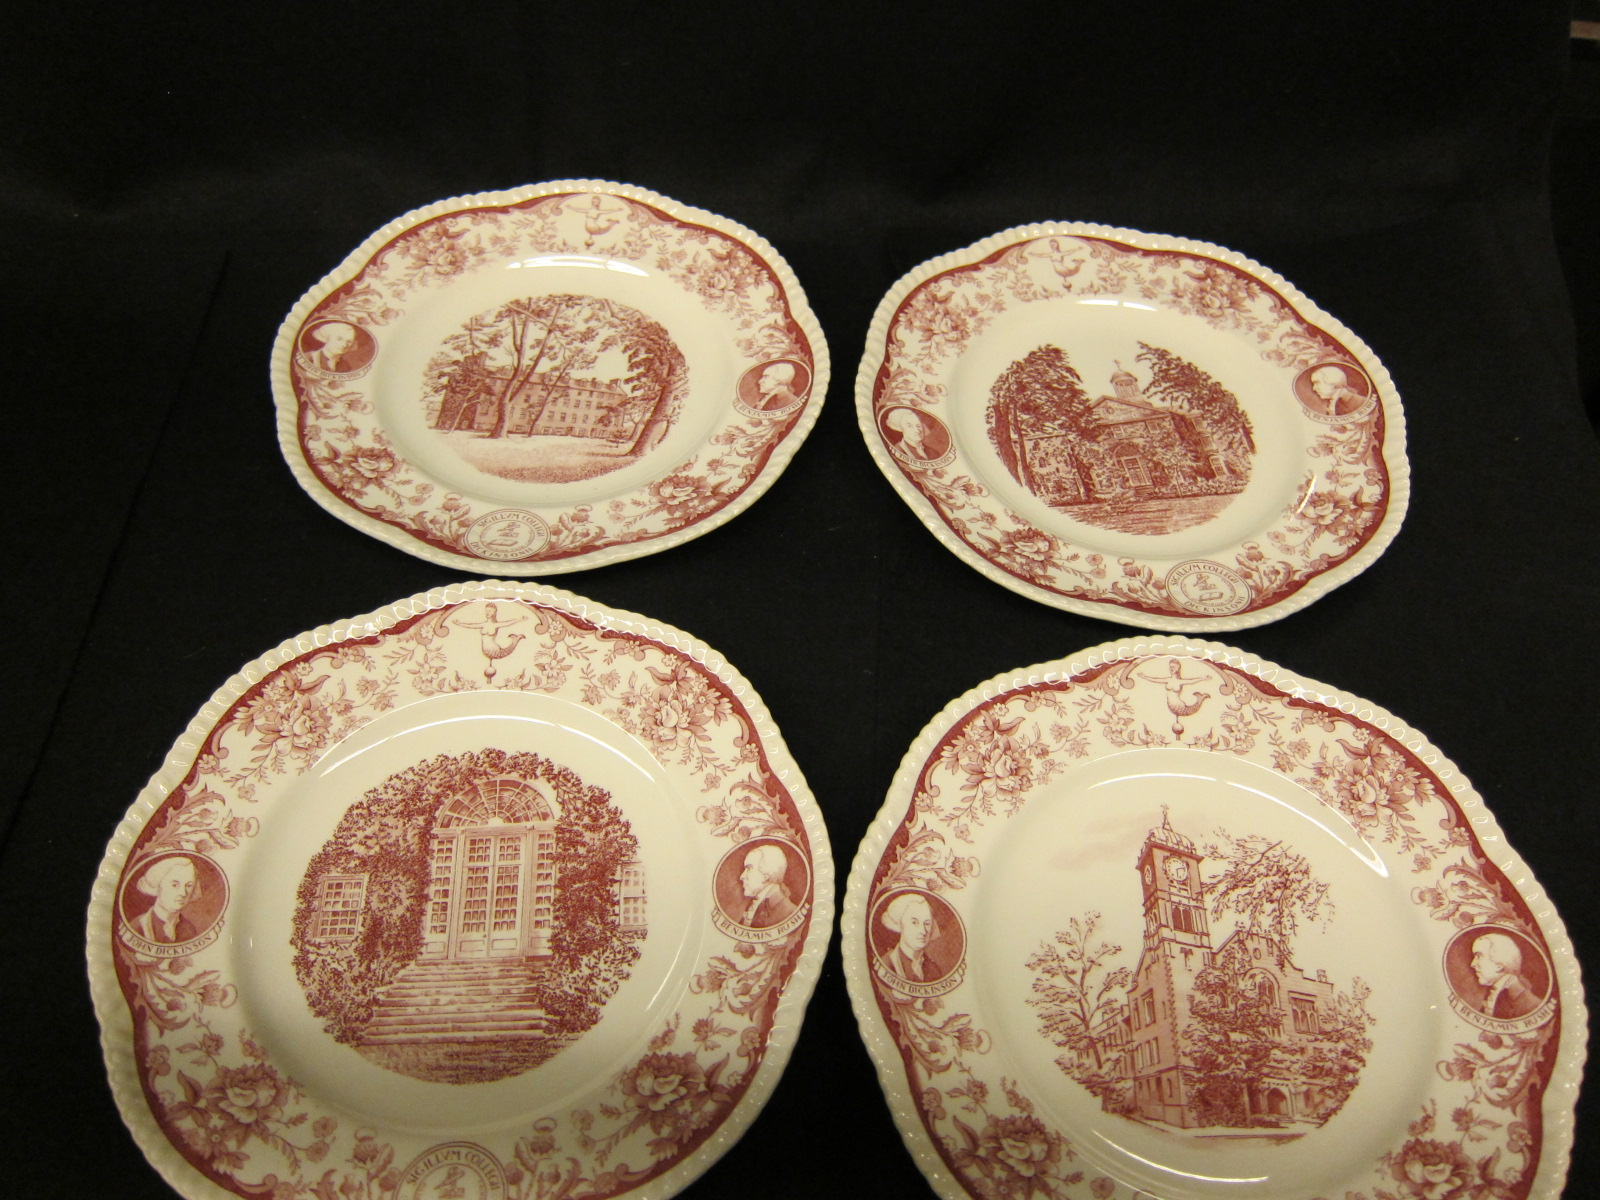 180th Anniversary Commemorative Plates 1953 & 180th Anniversary Commemorative Plates 1953 | Dickinson College